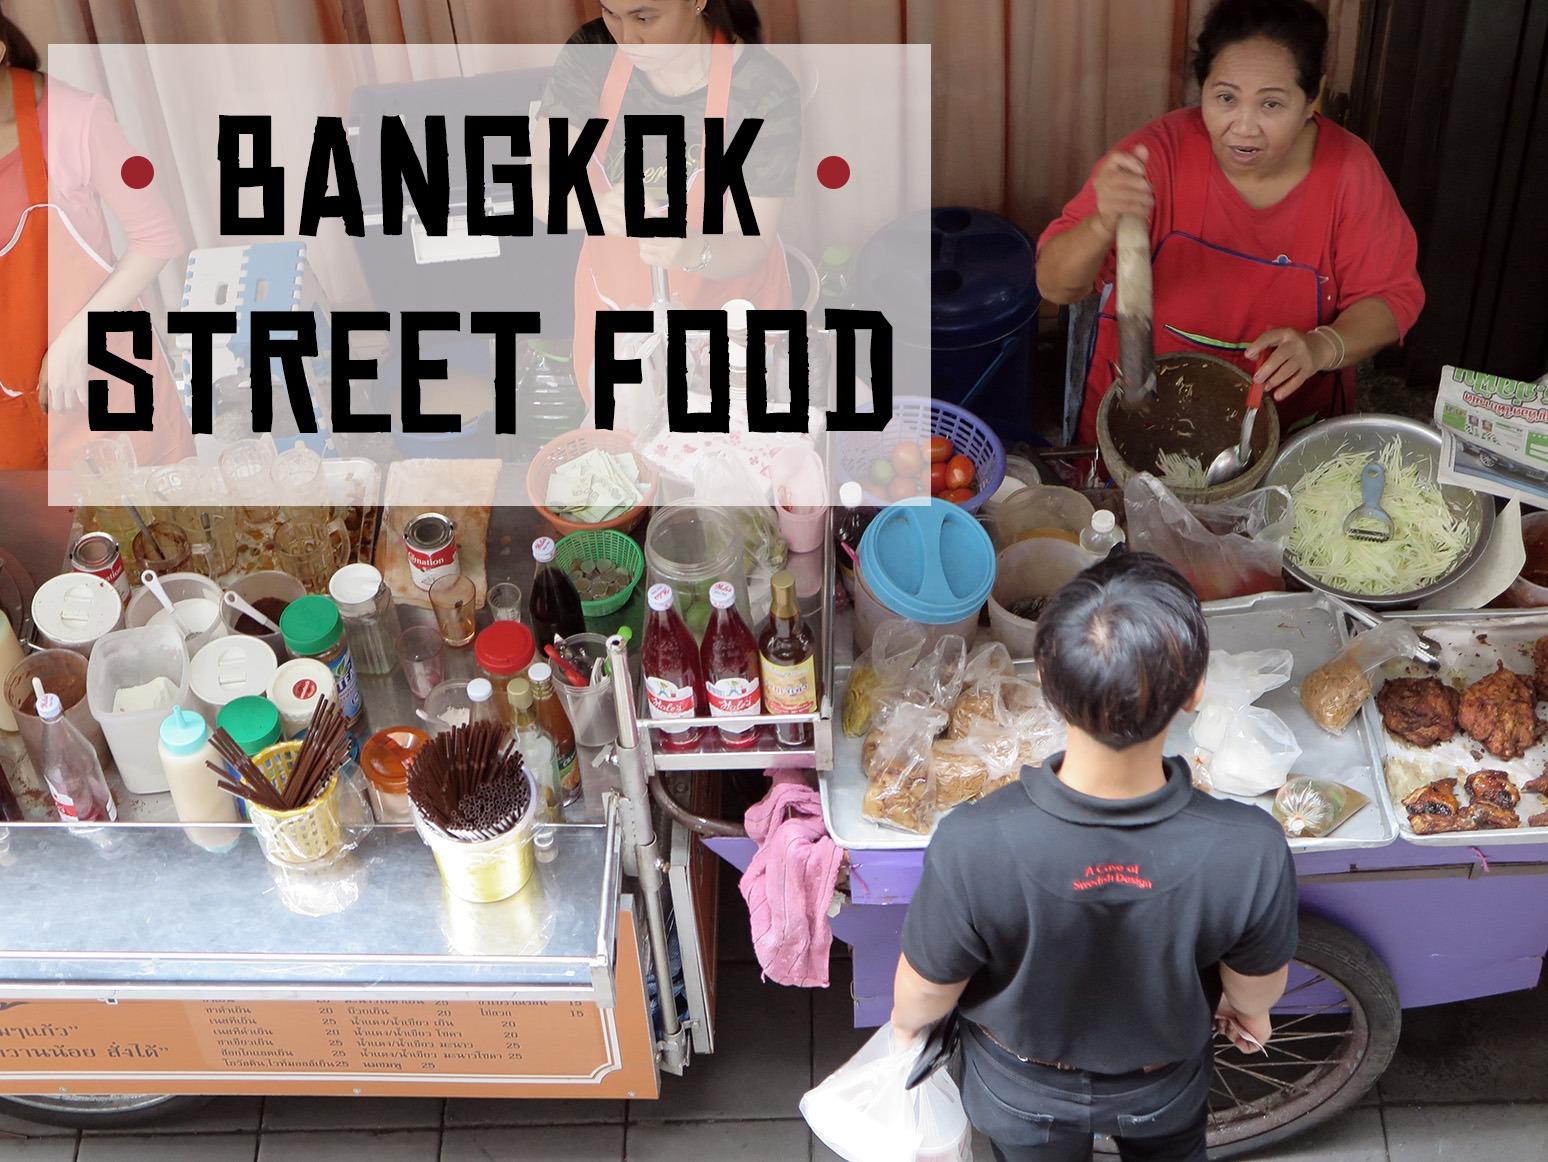 Street food in bangkok the best thai cuisine travelgeekery for Cuisine bangkok